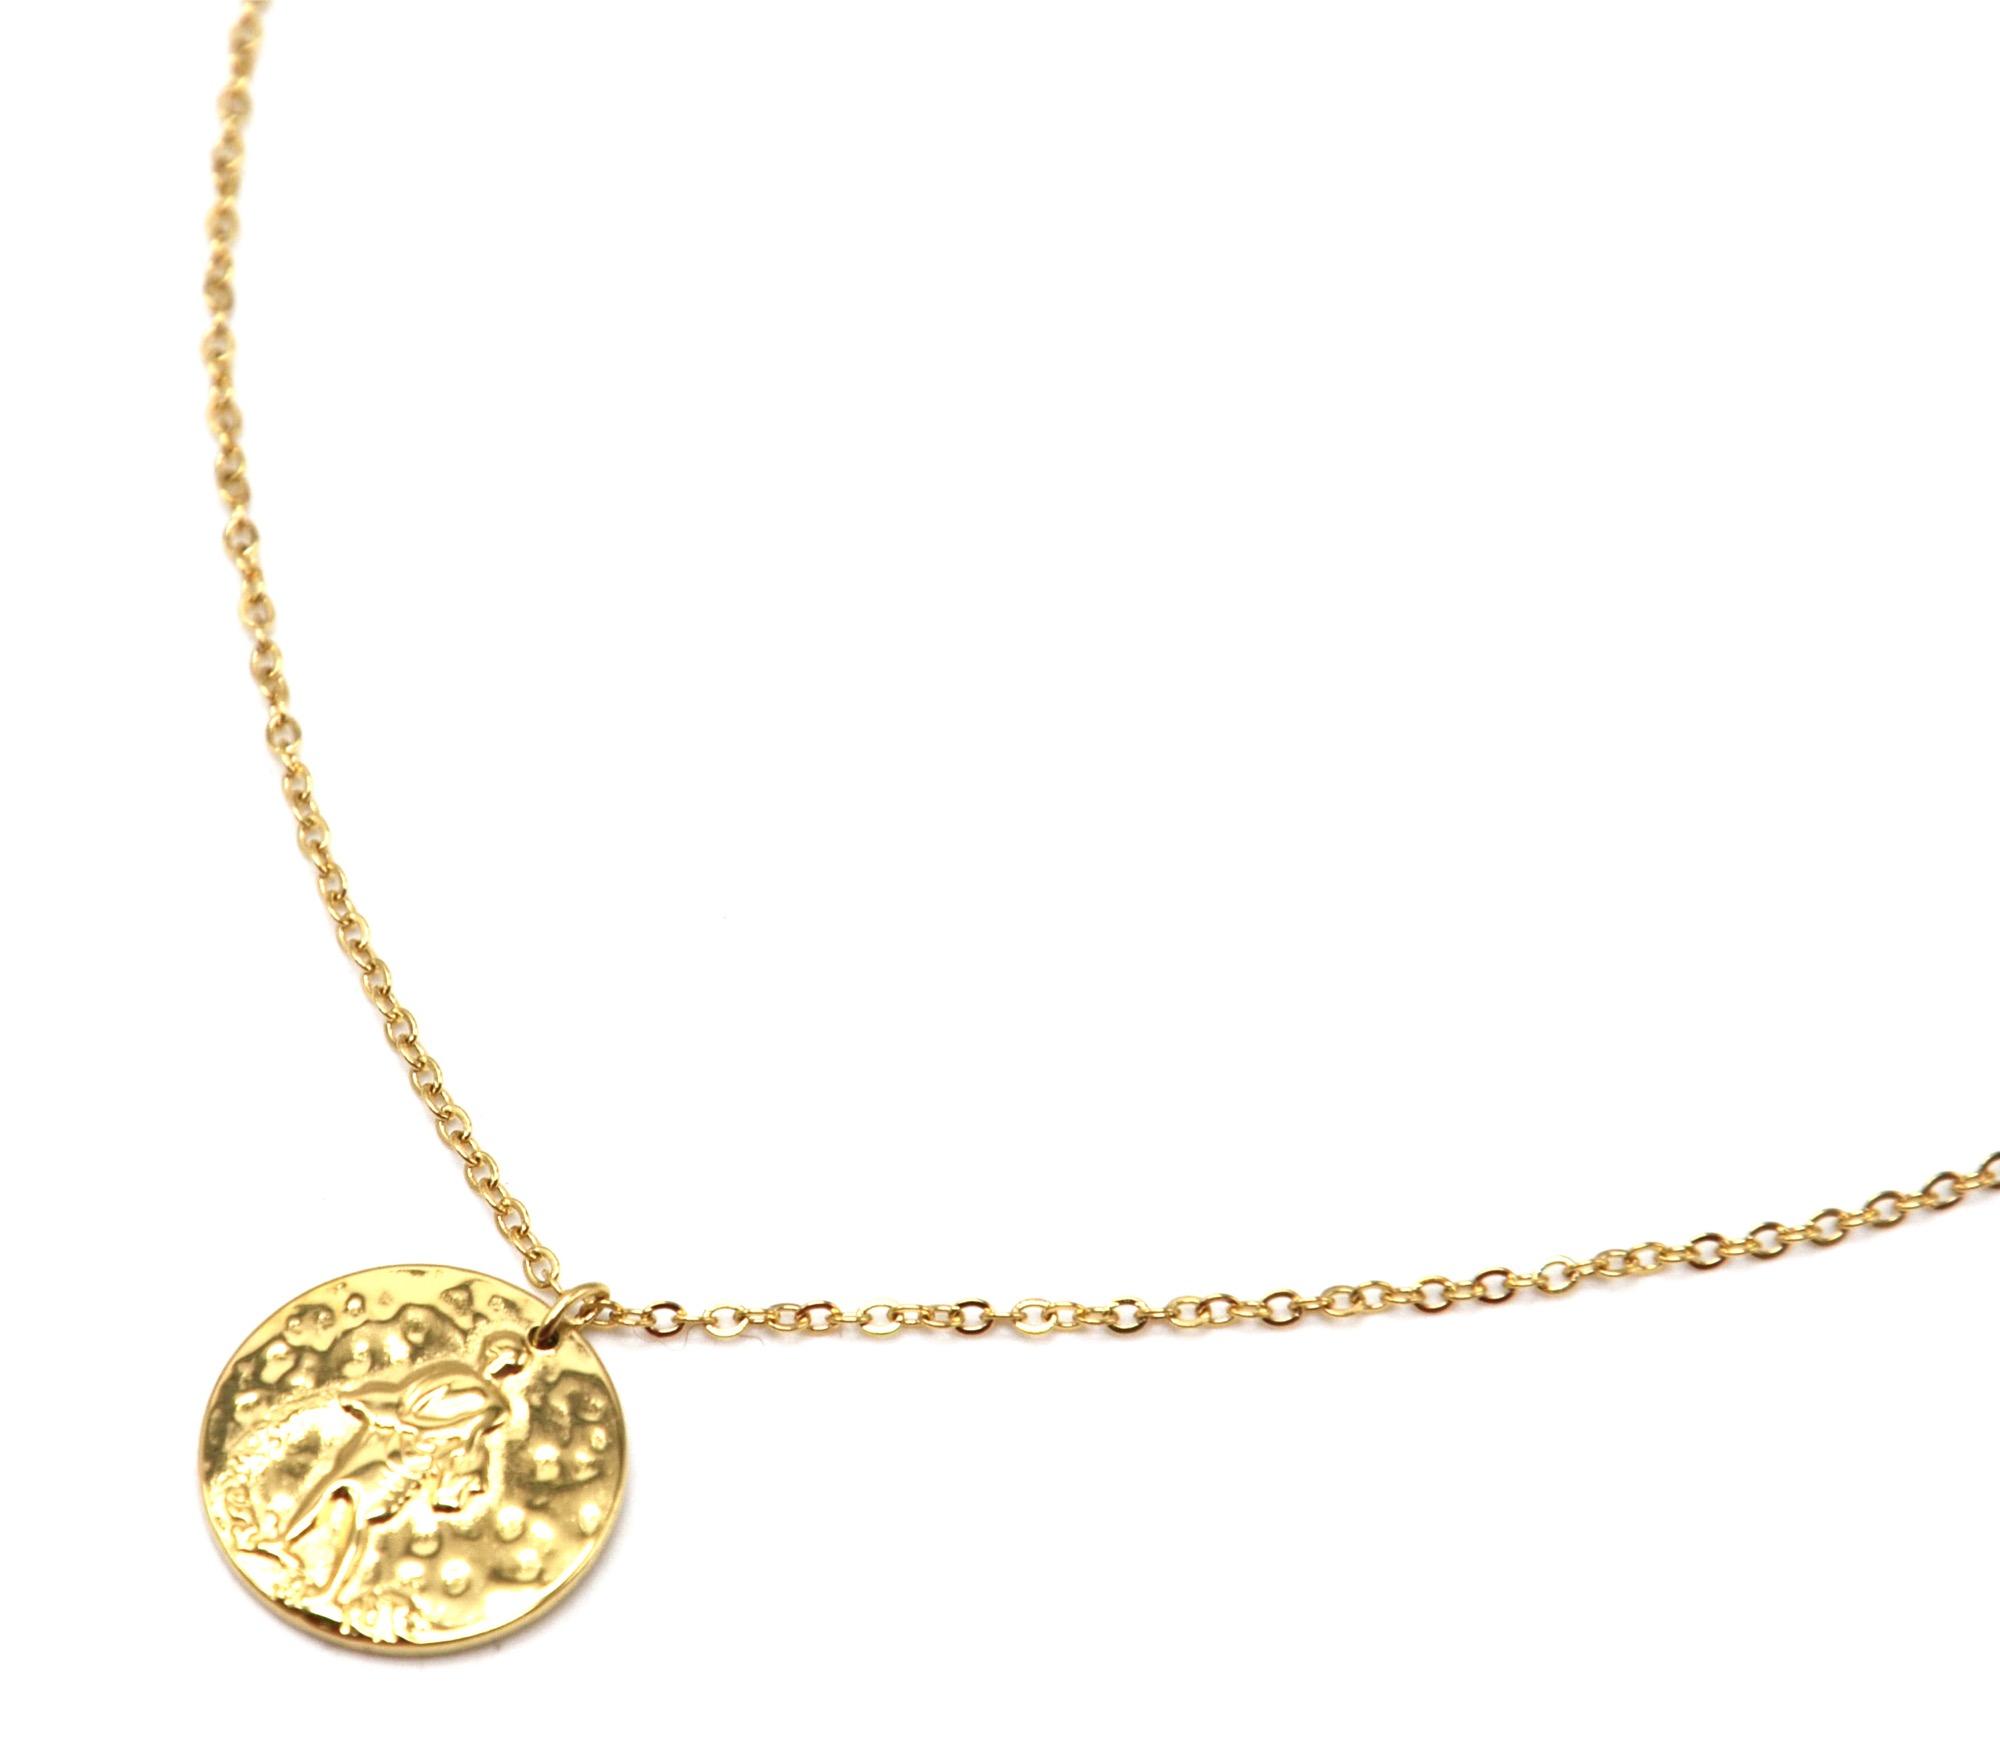 prix raisonnable assez bon marché nouvelle qualité CC2446F - Collier Fine Chaîne Acier Doré avec Pendentif Médaille Verseau  Signe Zodiaque